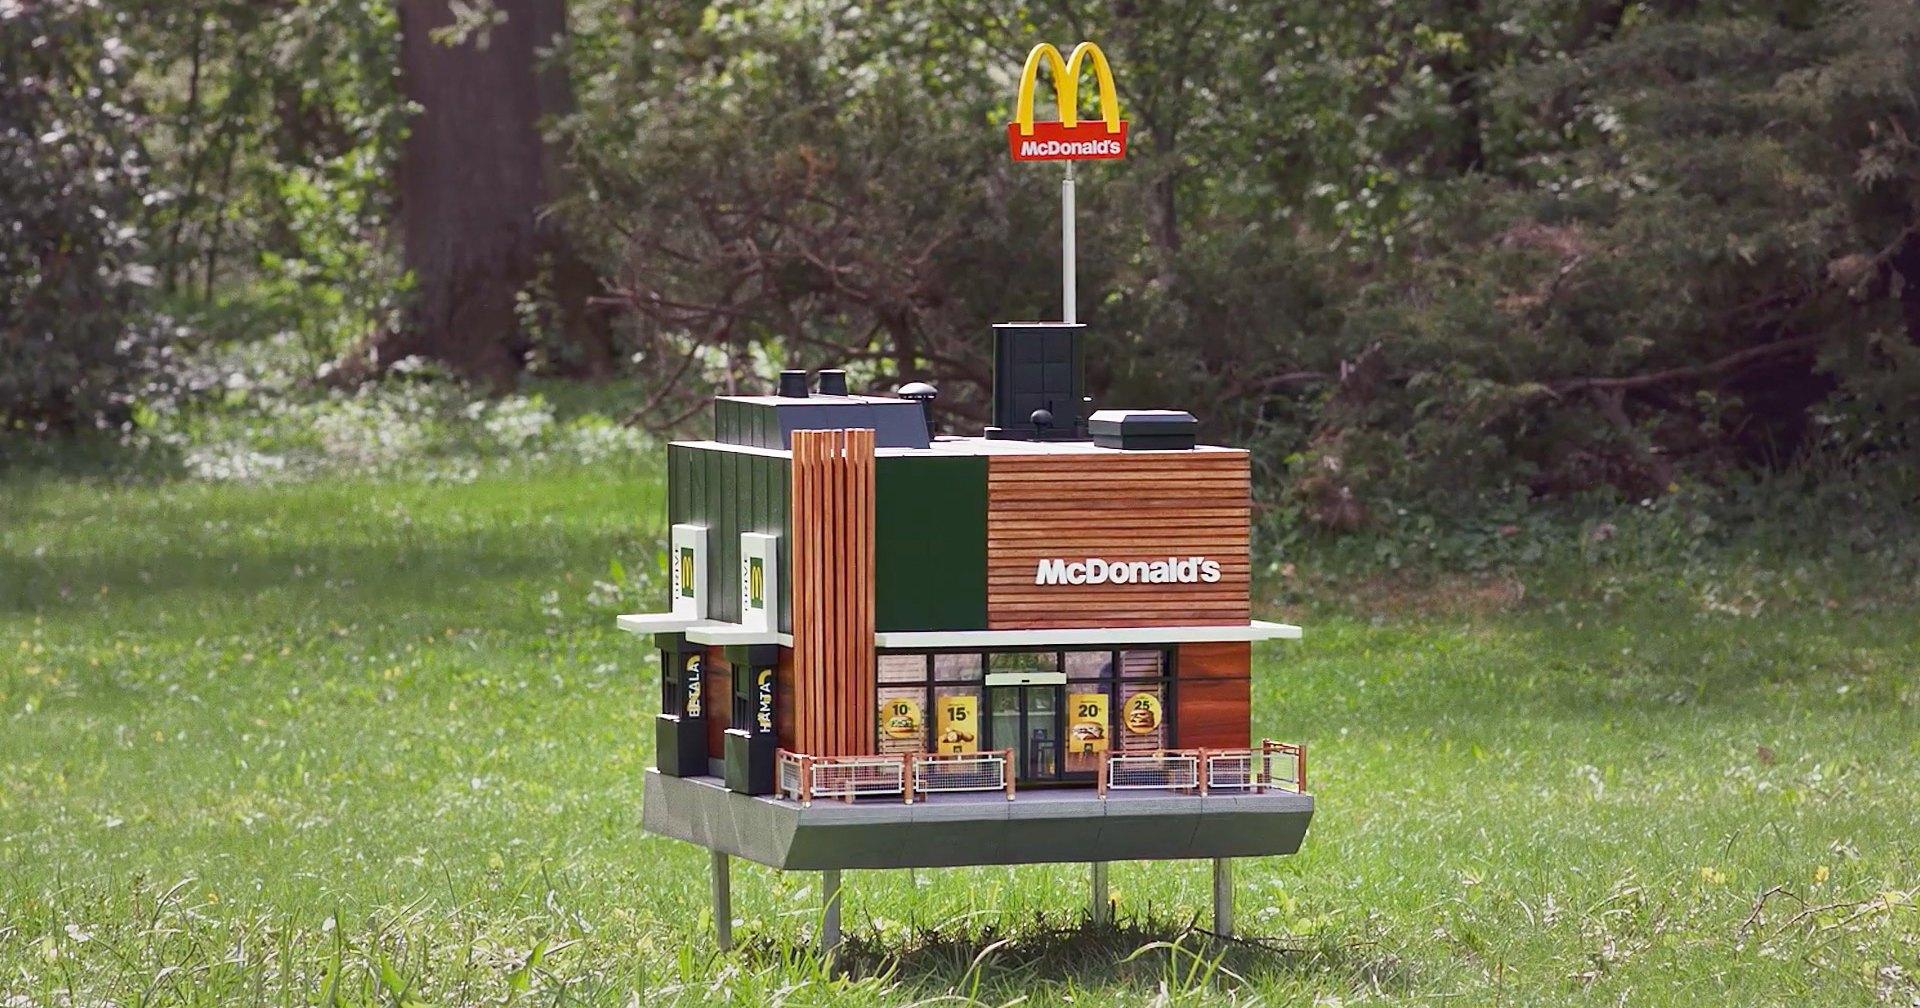 Пчёлам построили крошечный McDonald's